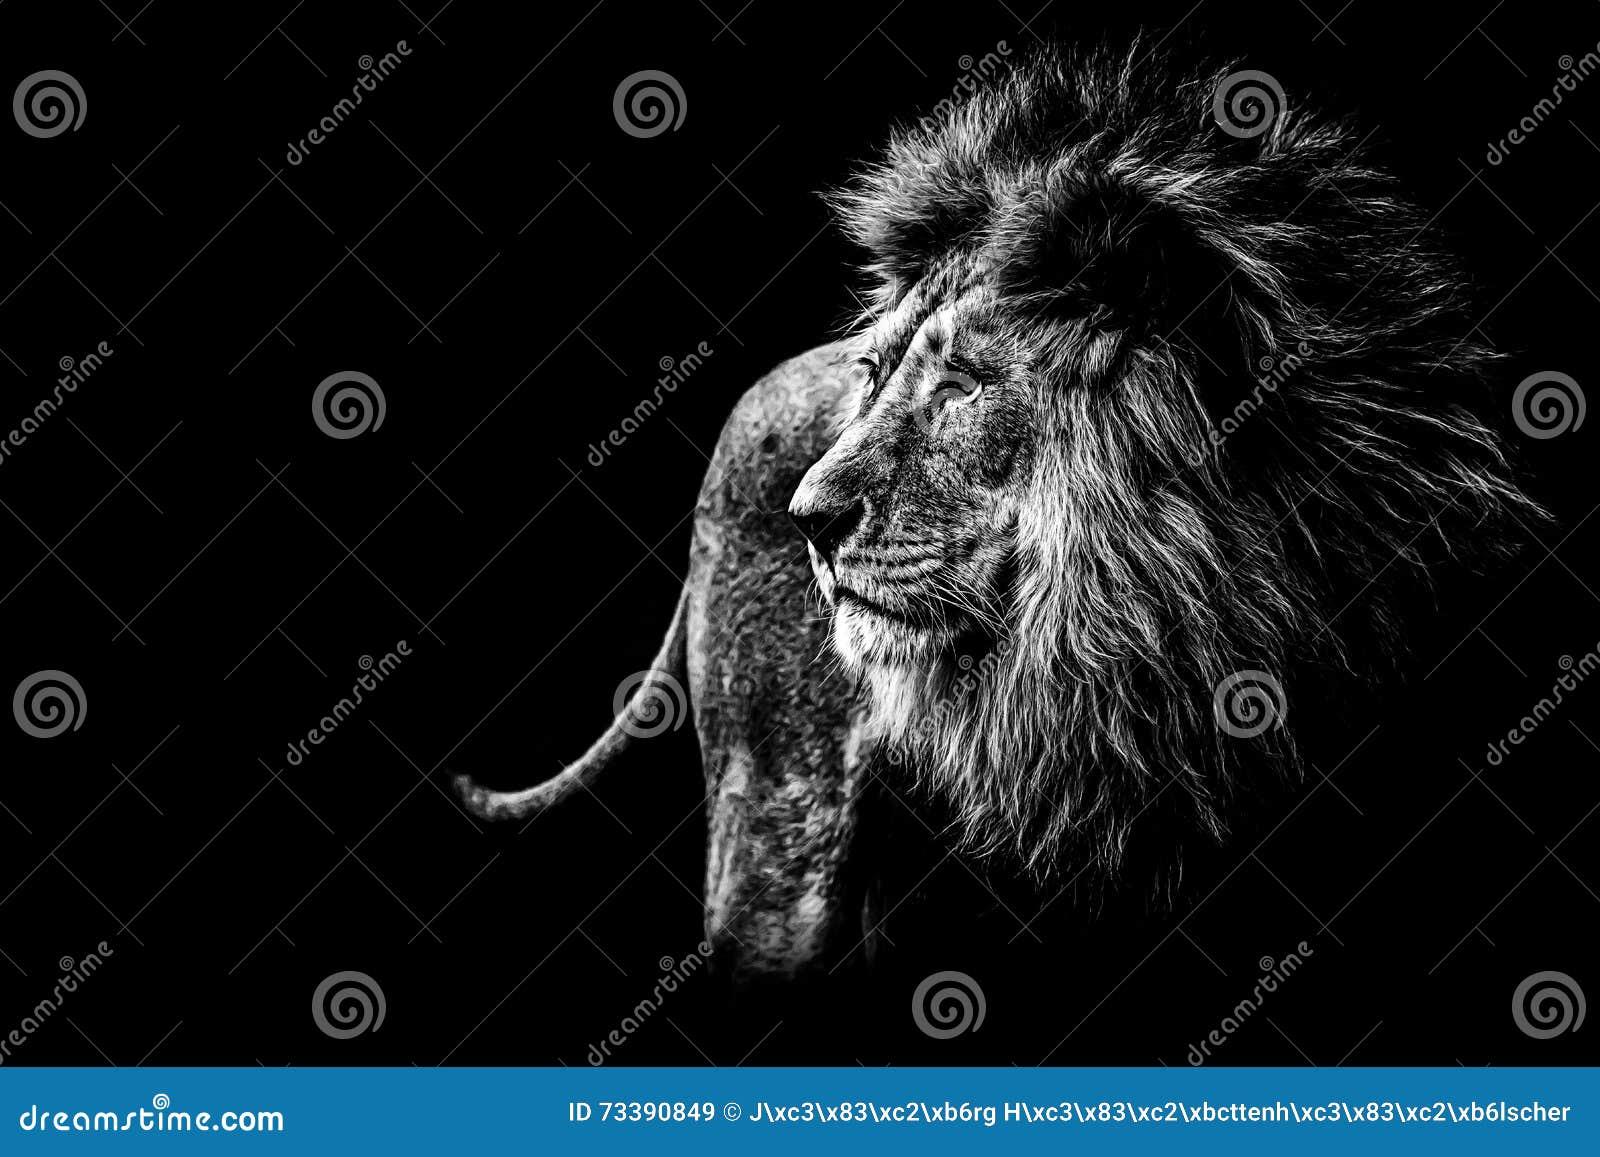 Lion en noir et blanc